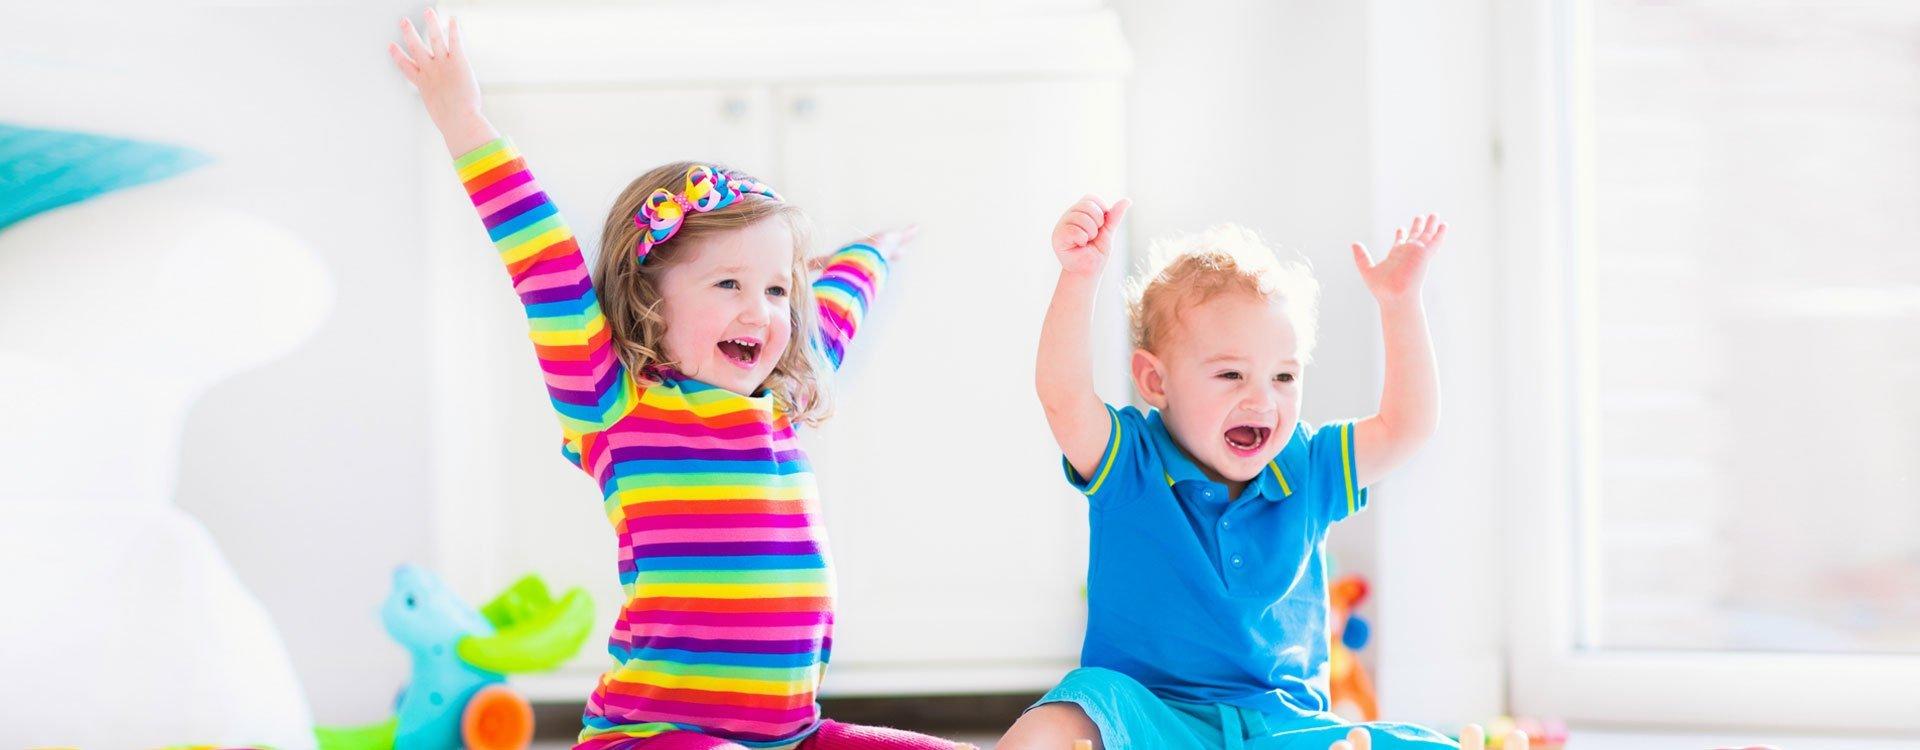 2 kids enjoying